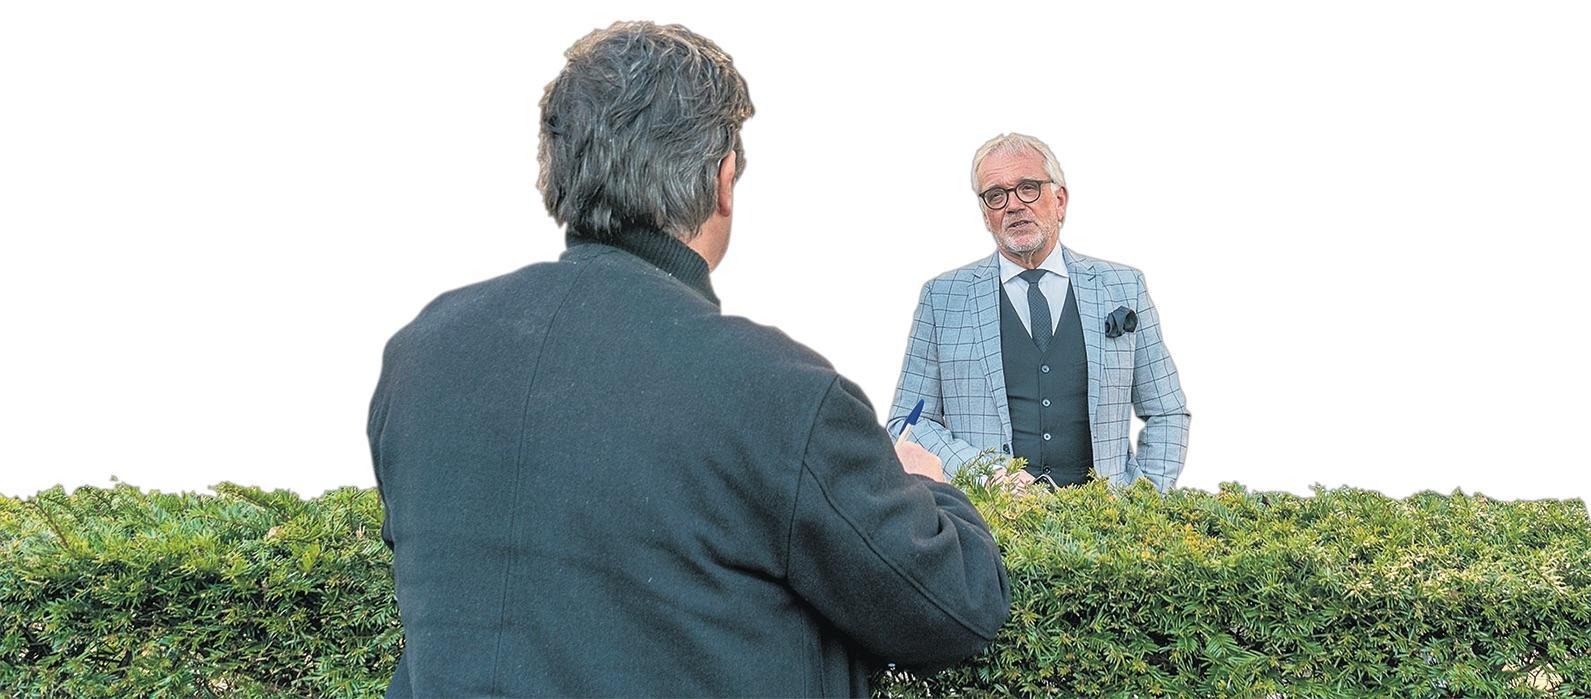 Burgemeester Alkmaar: 'Optuigen zorghotels als achtervang voor ziekenhuizen is op dit moment niet meer nodig, maar ze zijn standby'